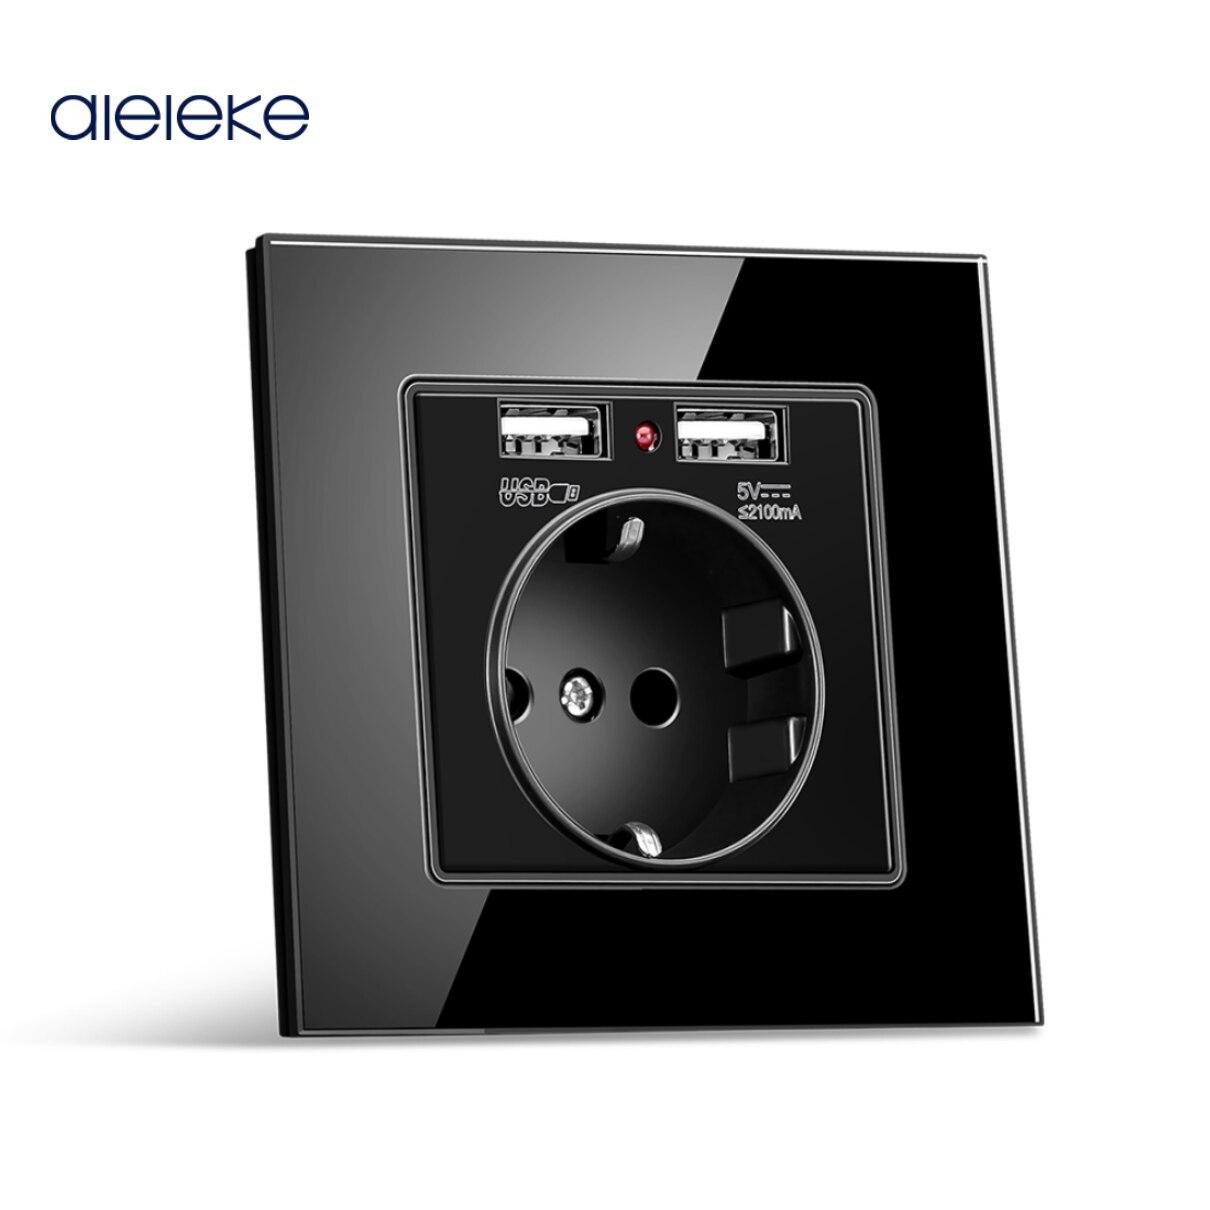 Aleleke 16A الجدار مقابس كهربائية مع USB للهاتف المحمول شحن الألمانية المقبس الأبيض كريستال زجاج لوحة التوصيل AC110-220V